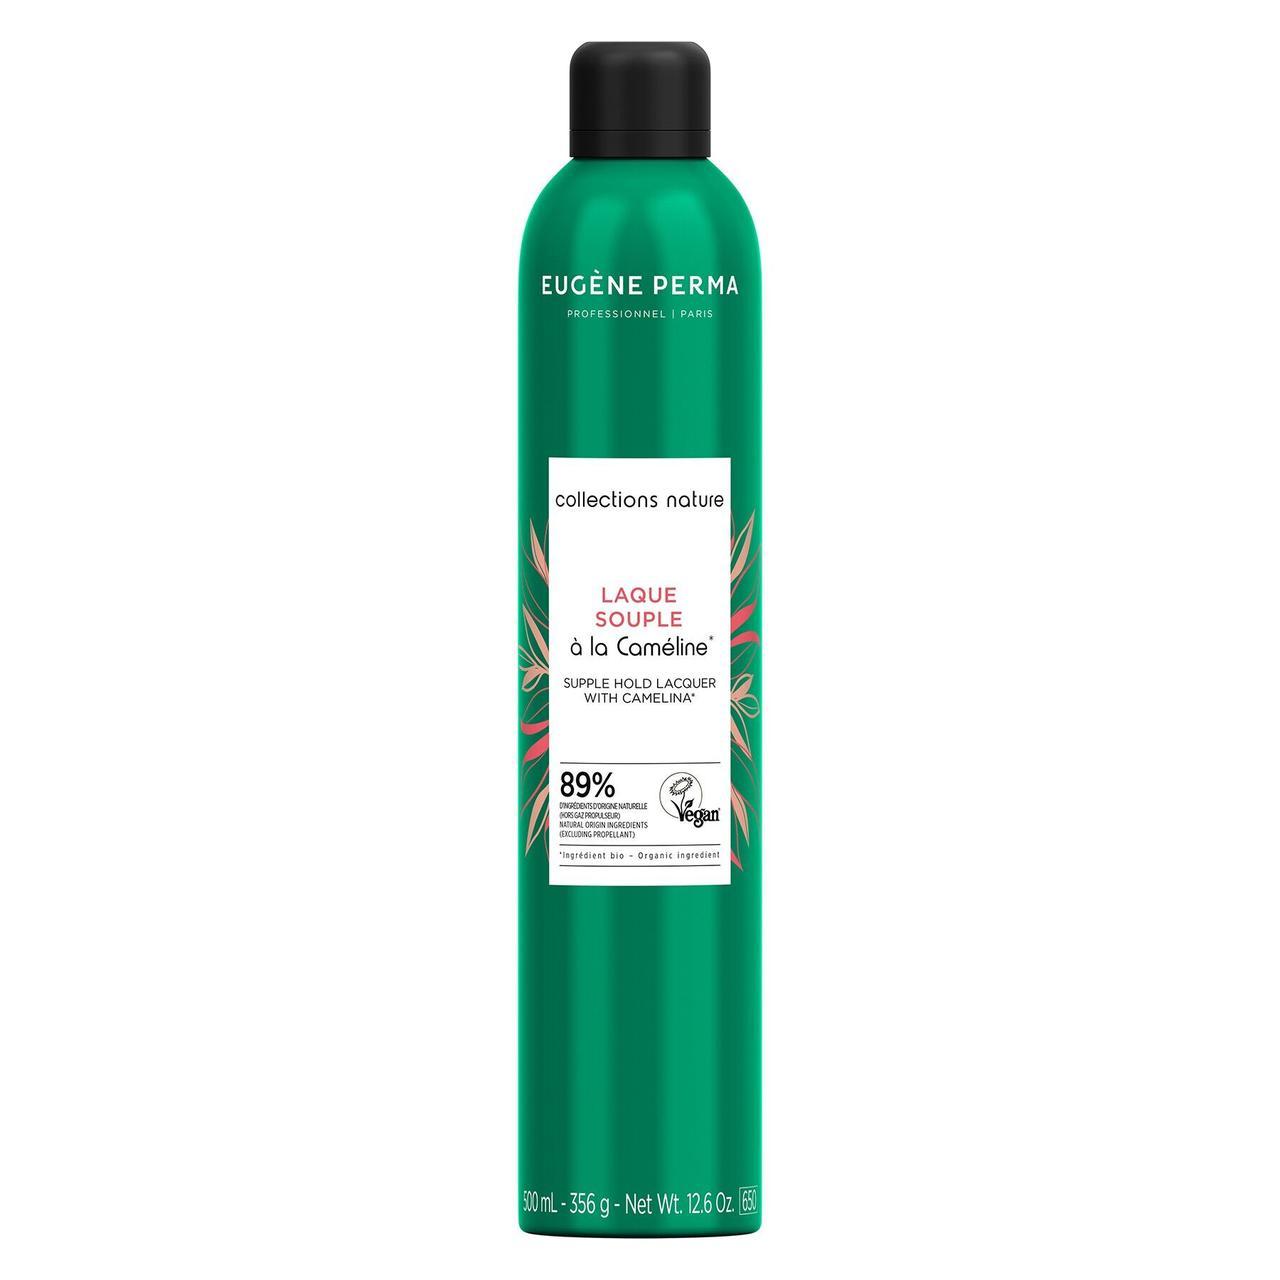 Купить Лак для волос легкой фиксации Eugene Perma БИО Collections Nature 500 мл (000013485)